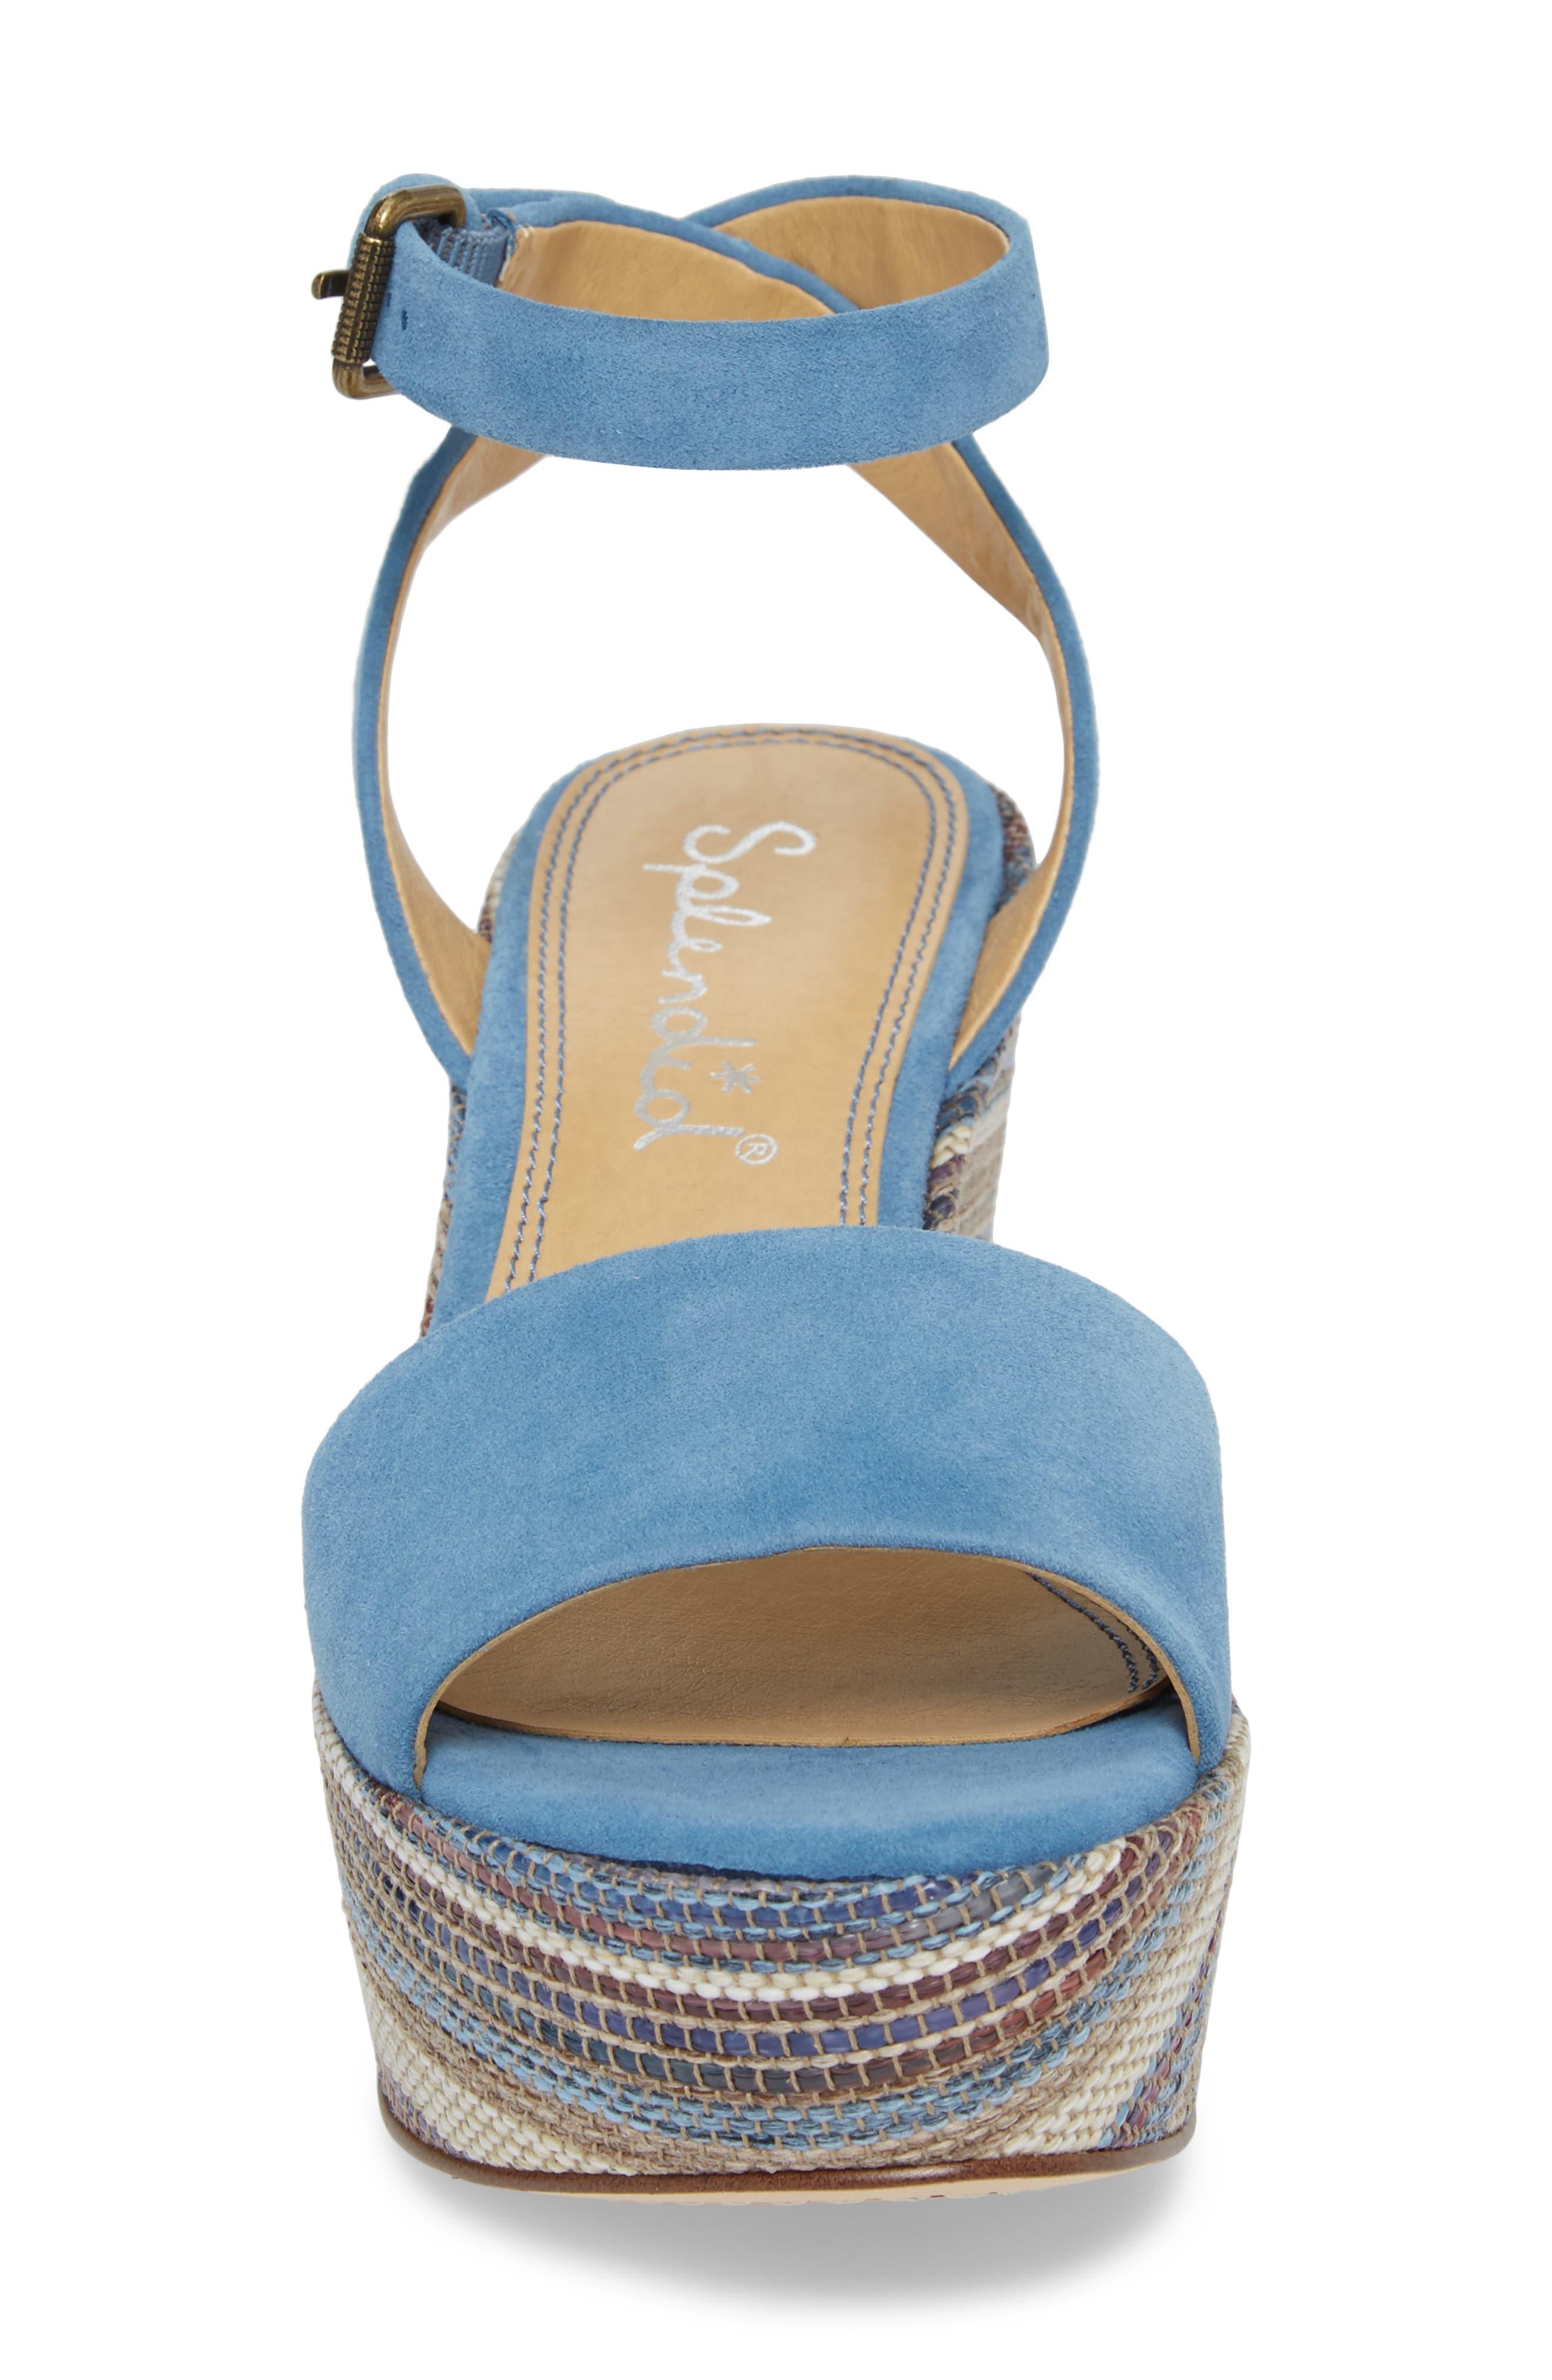 Felix Platform Wedge Sandal,                             Alternate thumbnail 4, color,                             BLUE HORIZON SUEDE